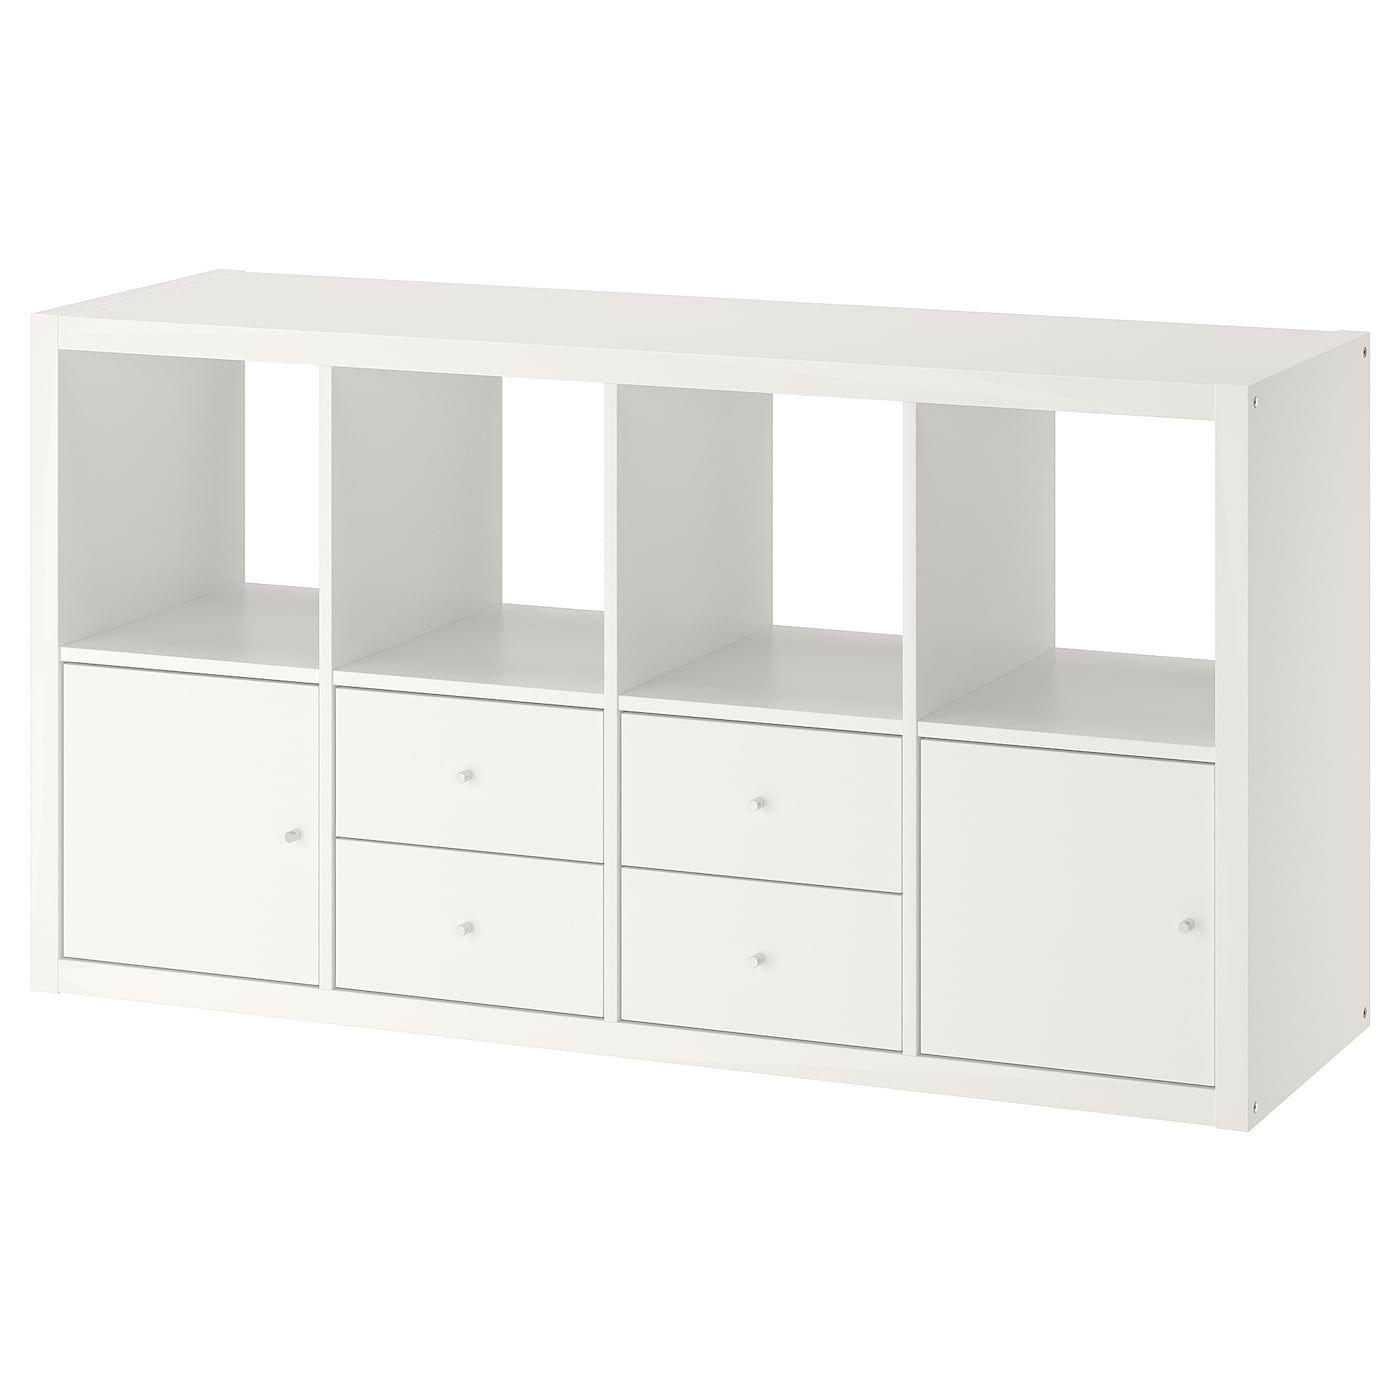 Kallax Estanteria Con Accesorios Blanco 77x147 Cm En 2020 Estante Kallax Estanteria Ikea Kallax Muebles Para Espacios Pequenos